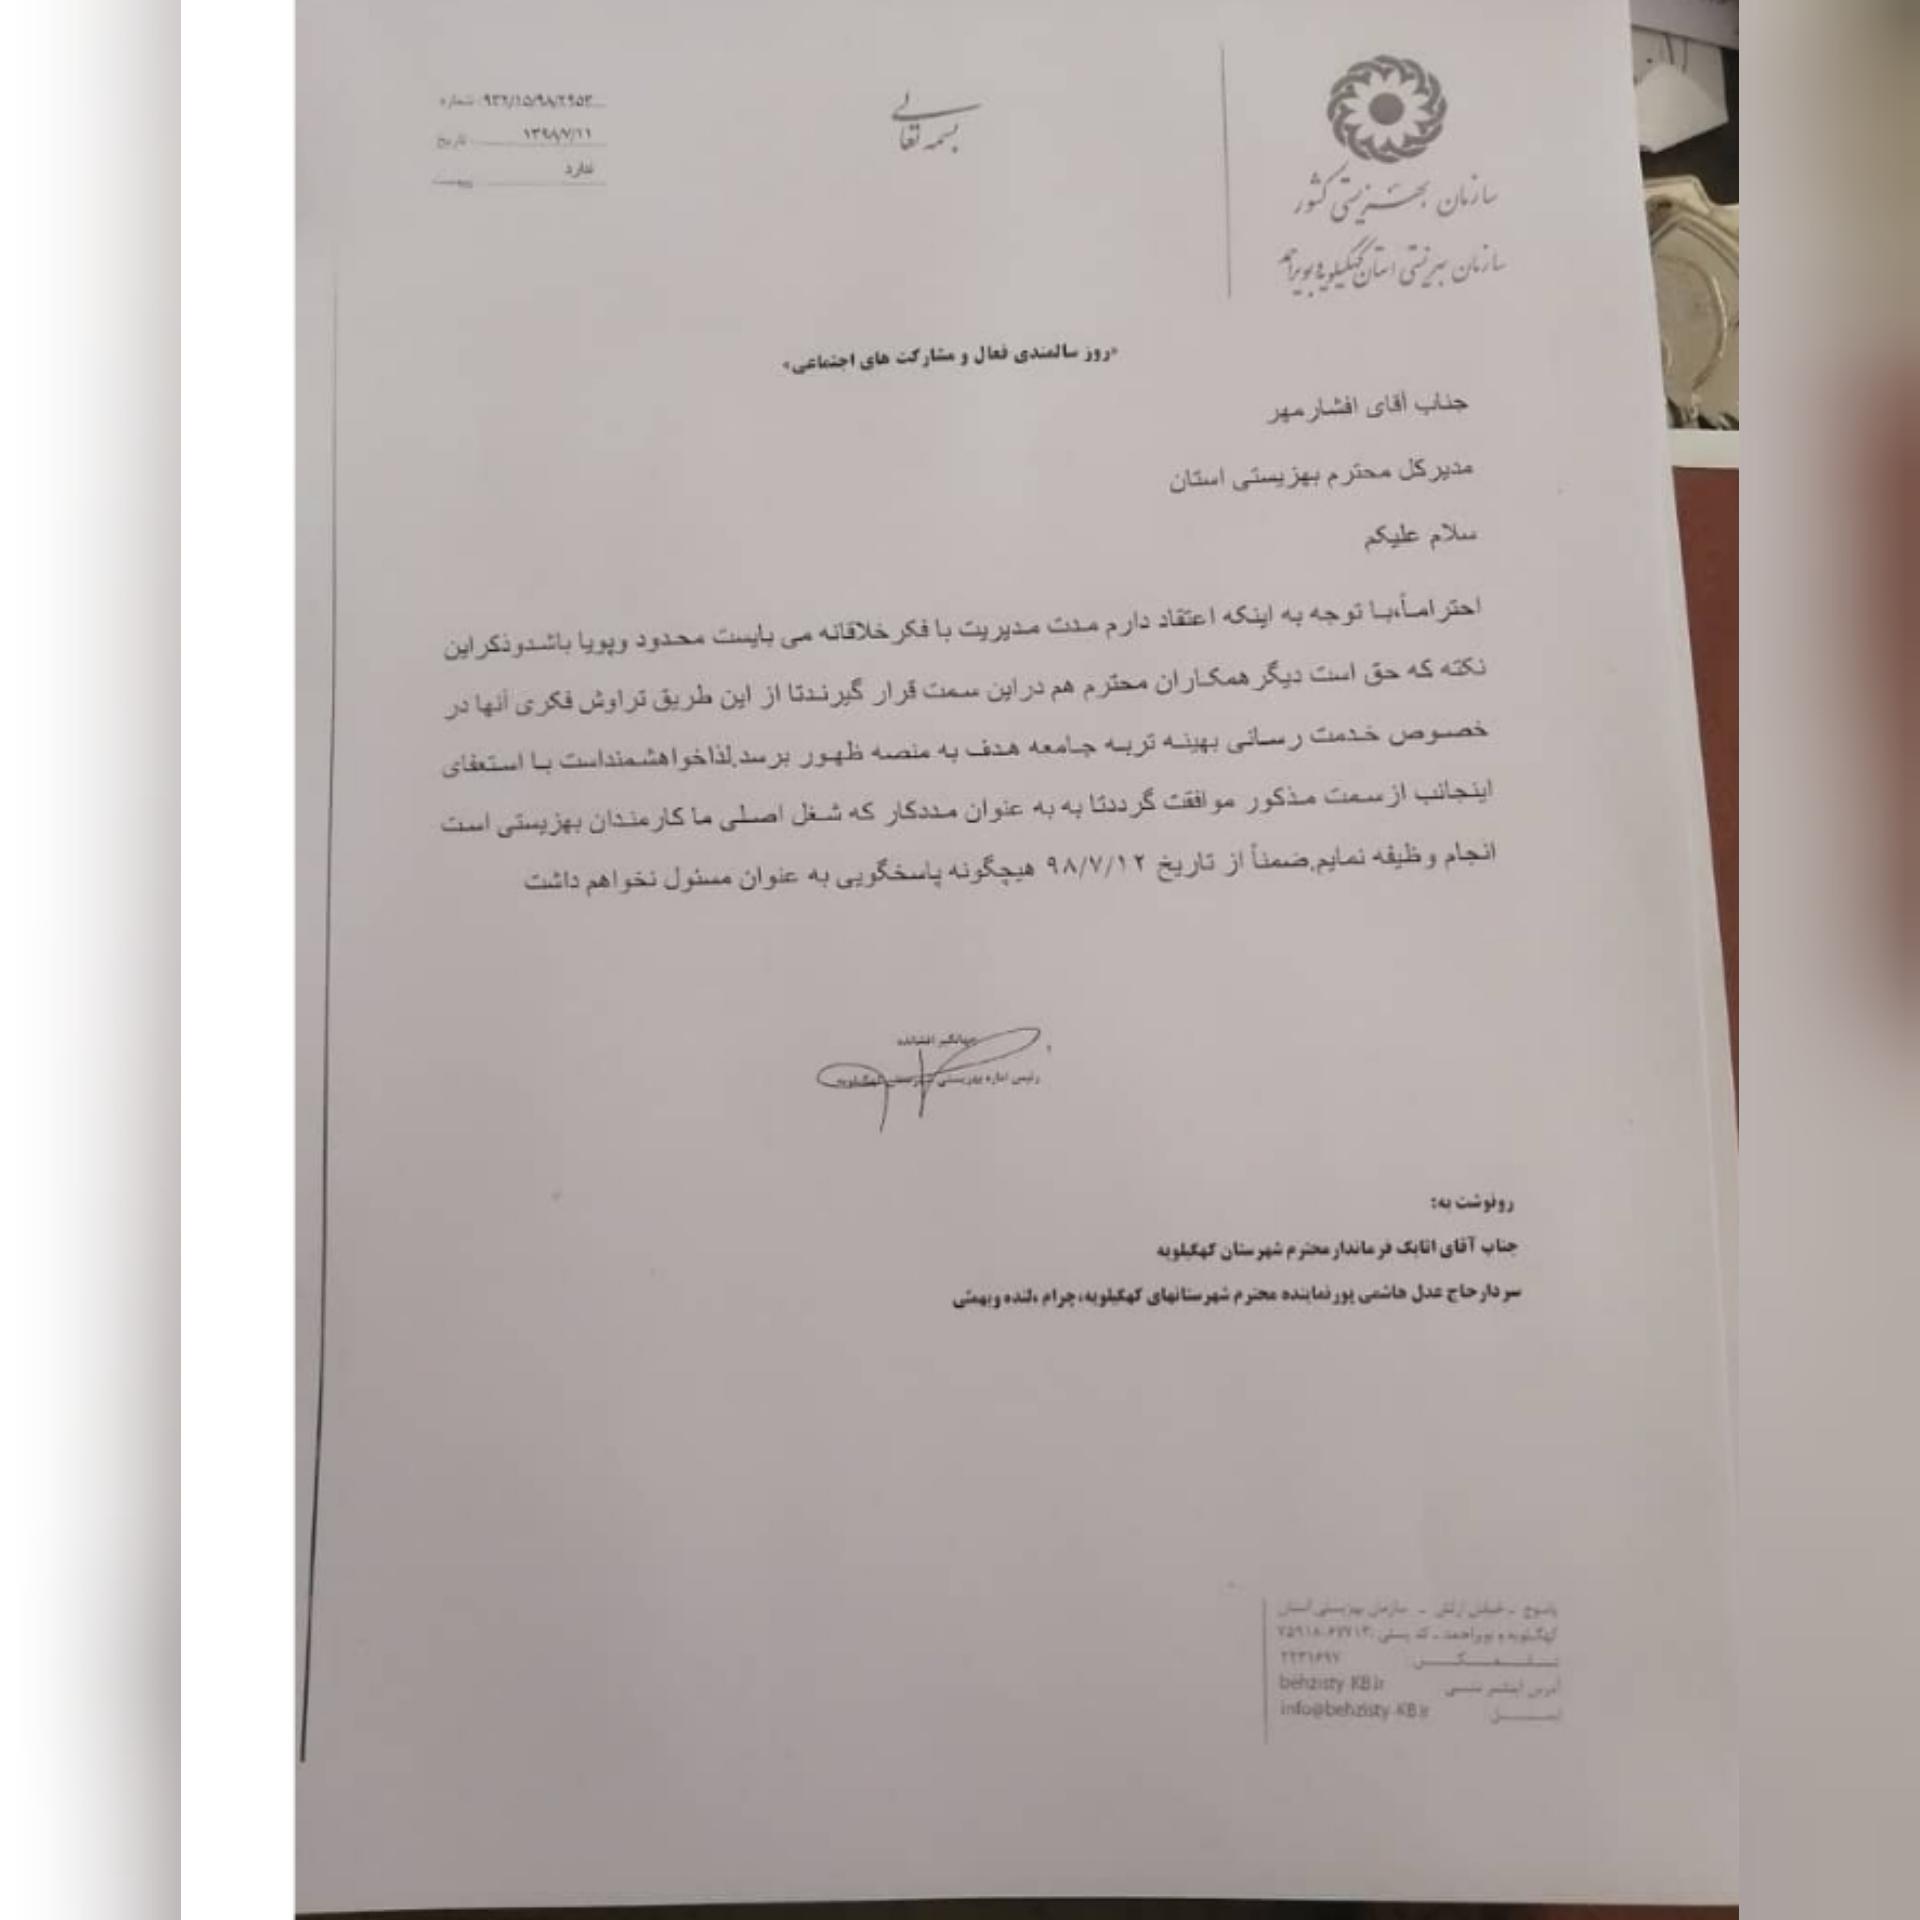 استعفای عجیب رئیس بهزیستی کهگیلویه+نامه استعفاء